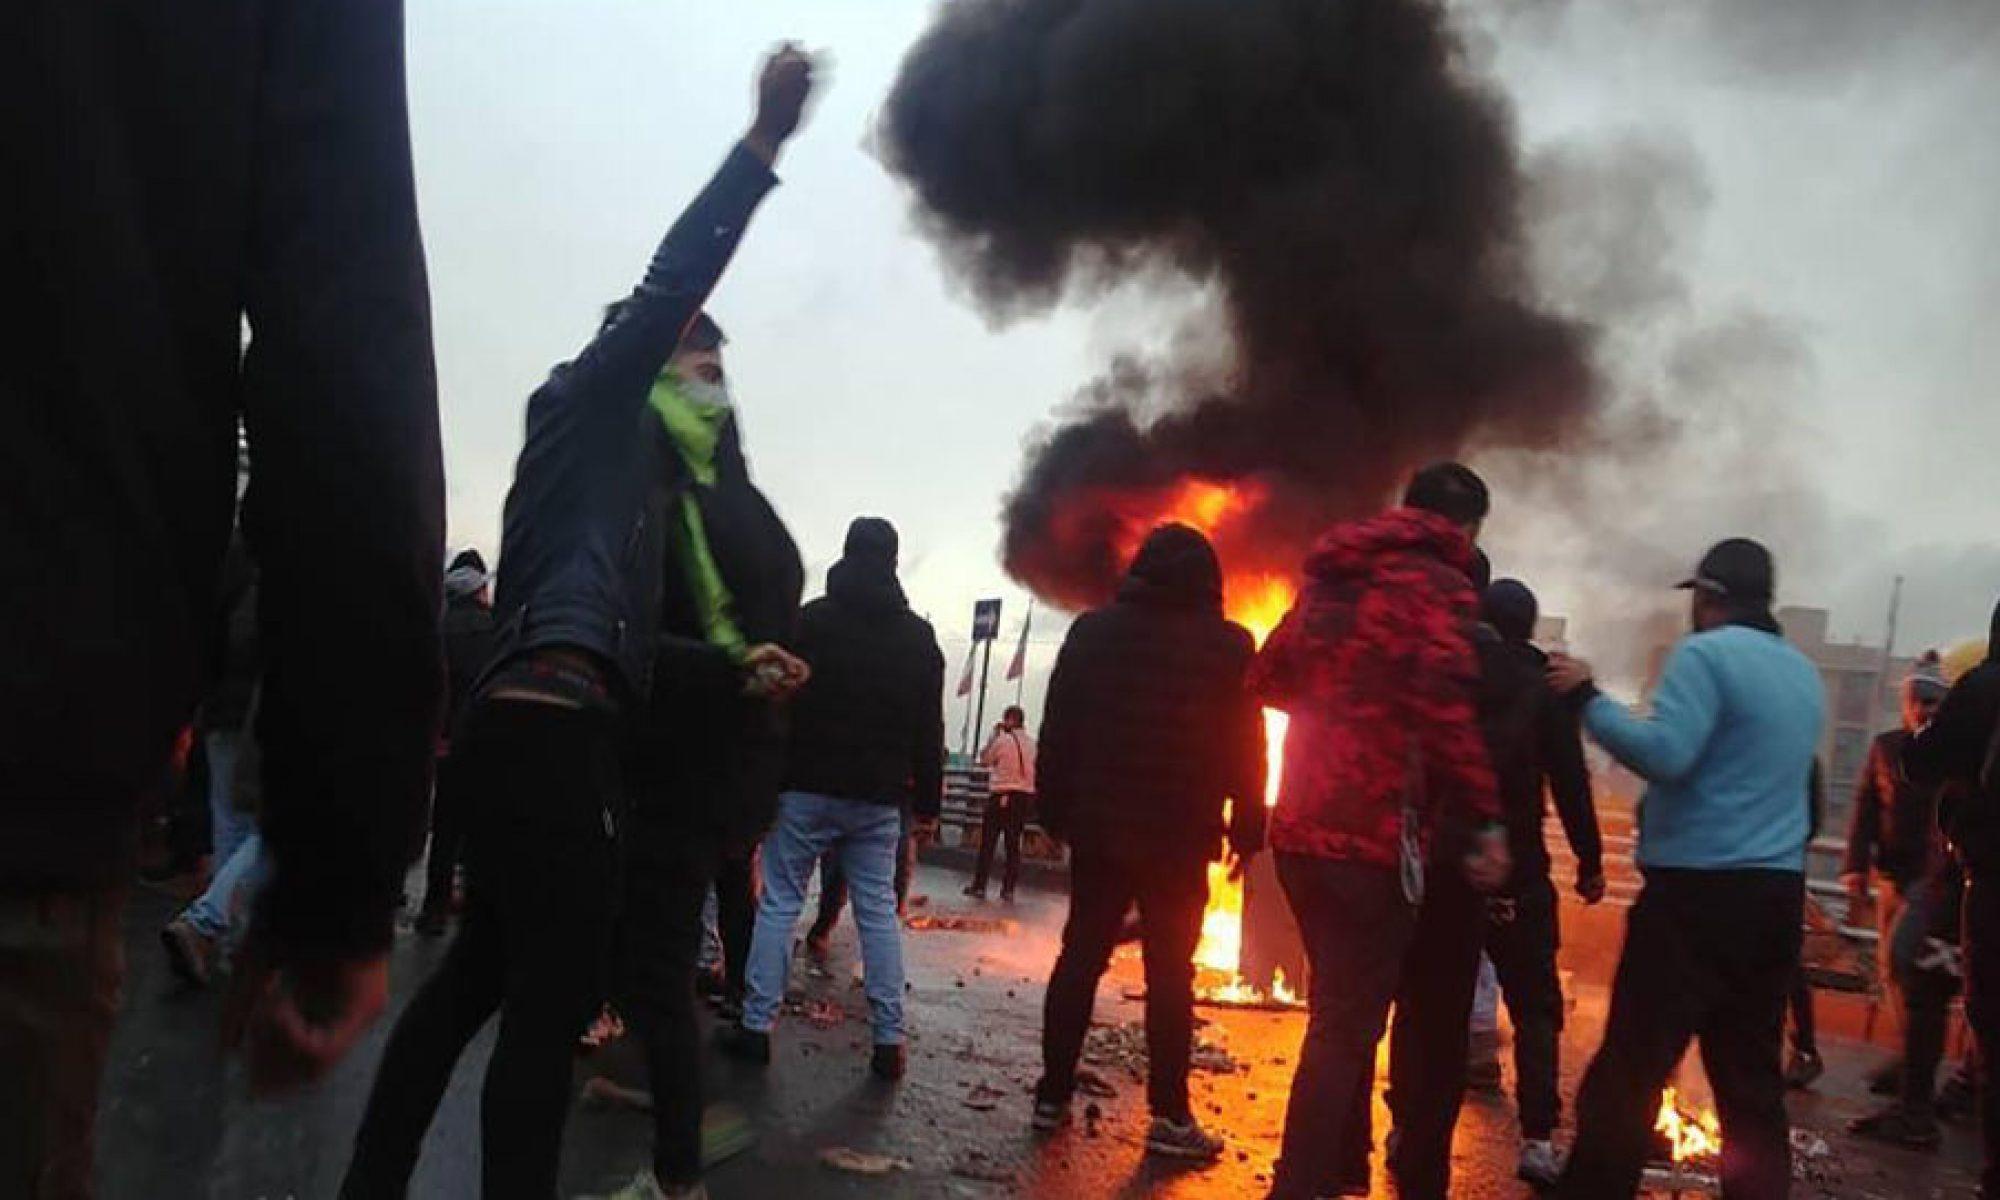 Doğu Kürdistan'da ki protesto gösterilerinde ölü sayısı 35'e ulaştı iran Hameney,